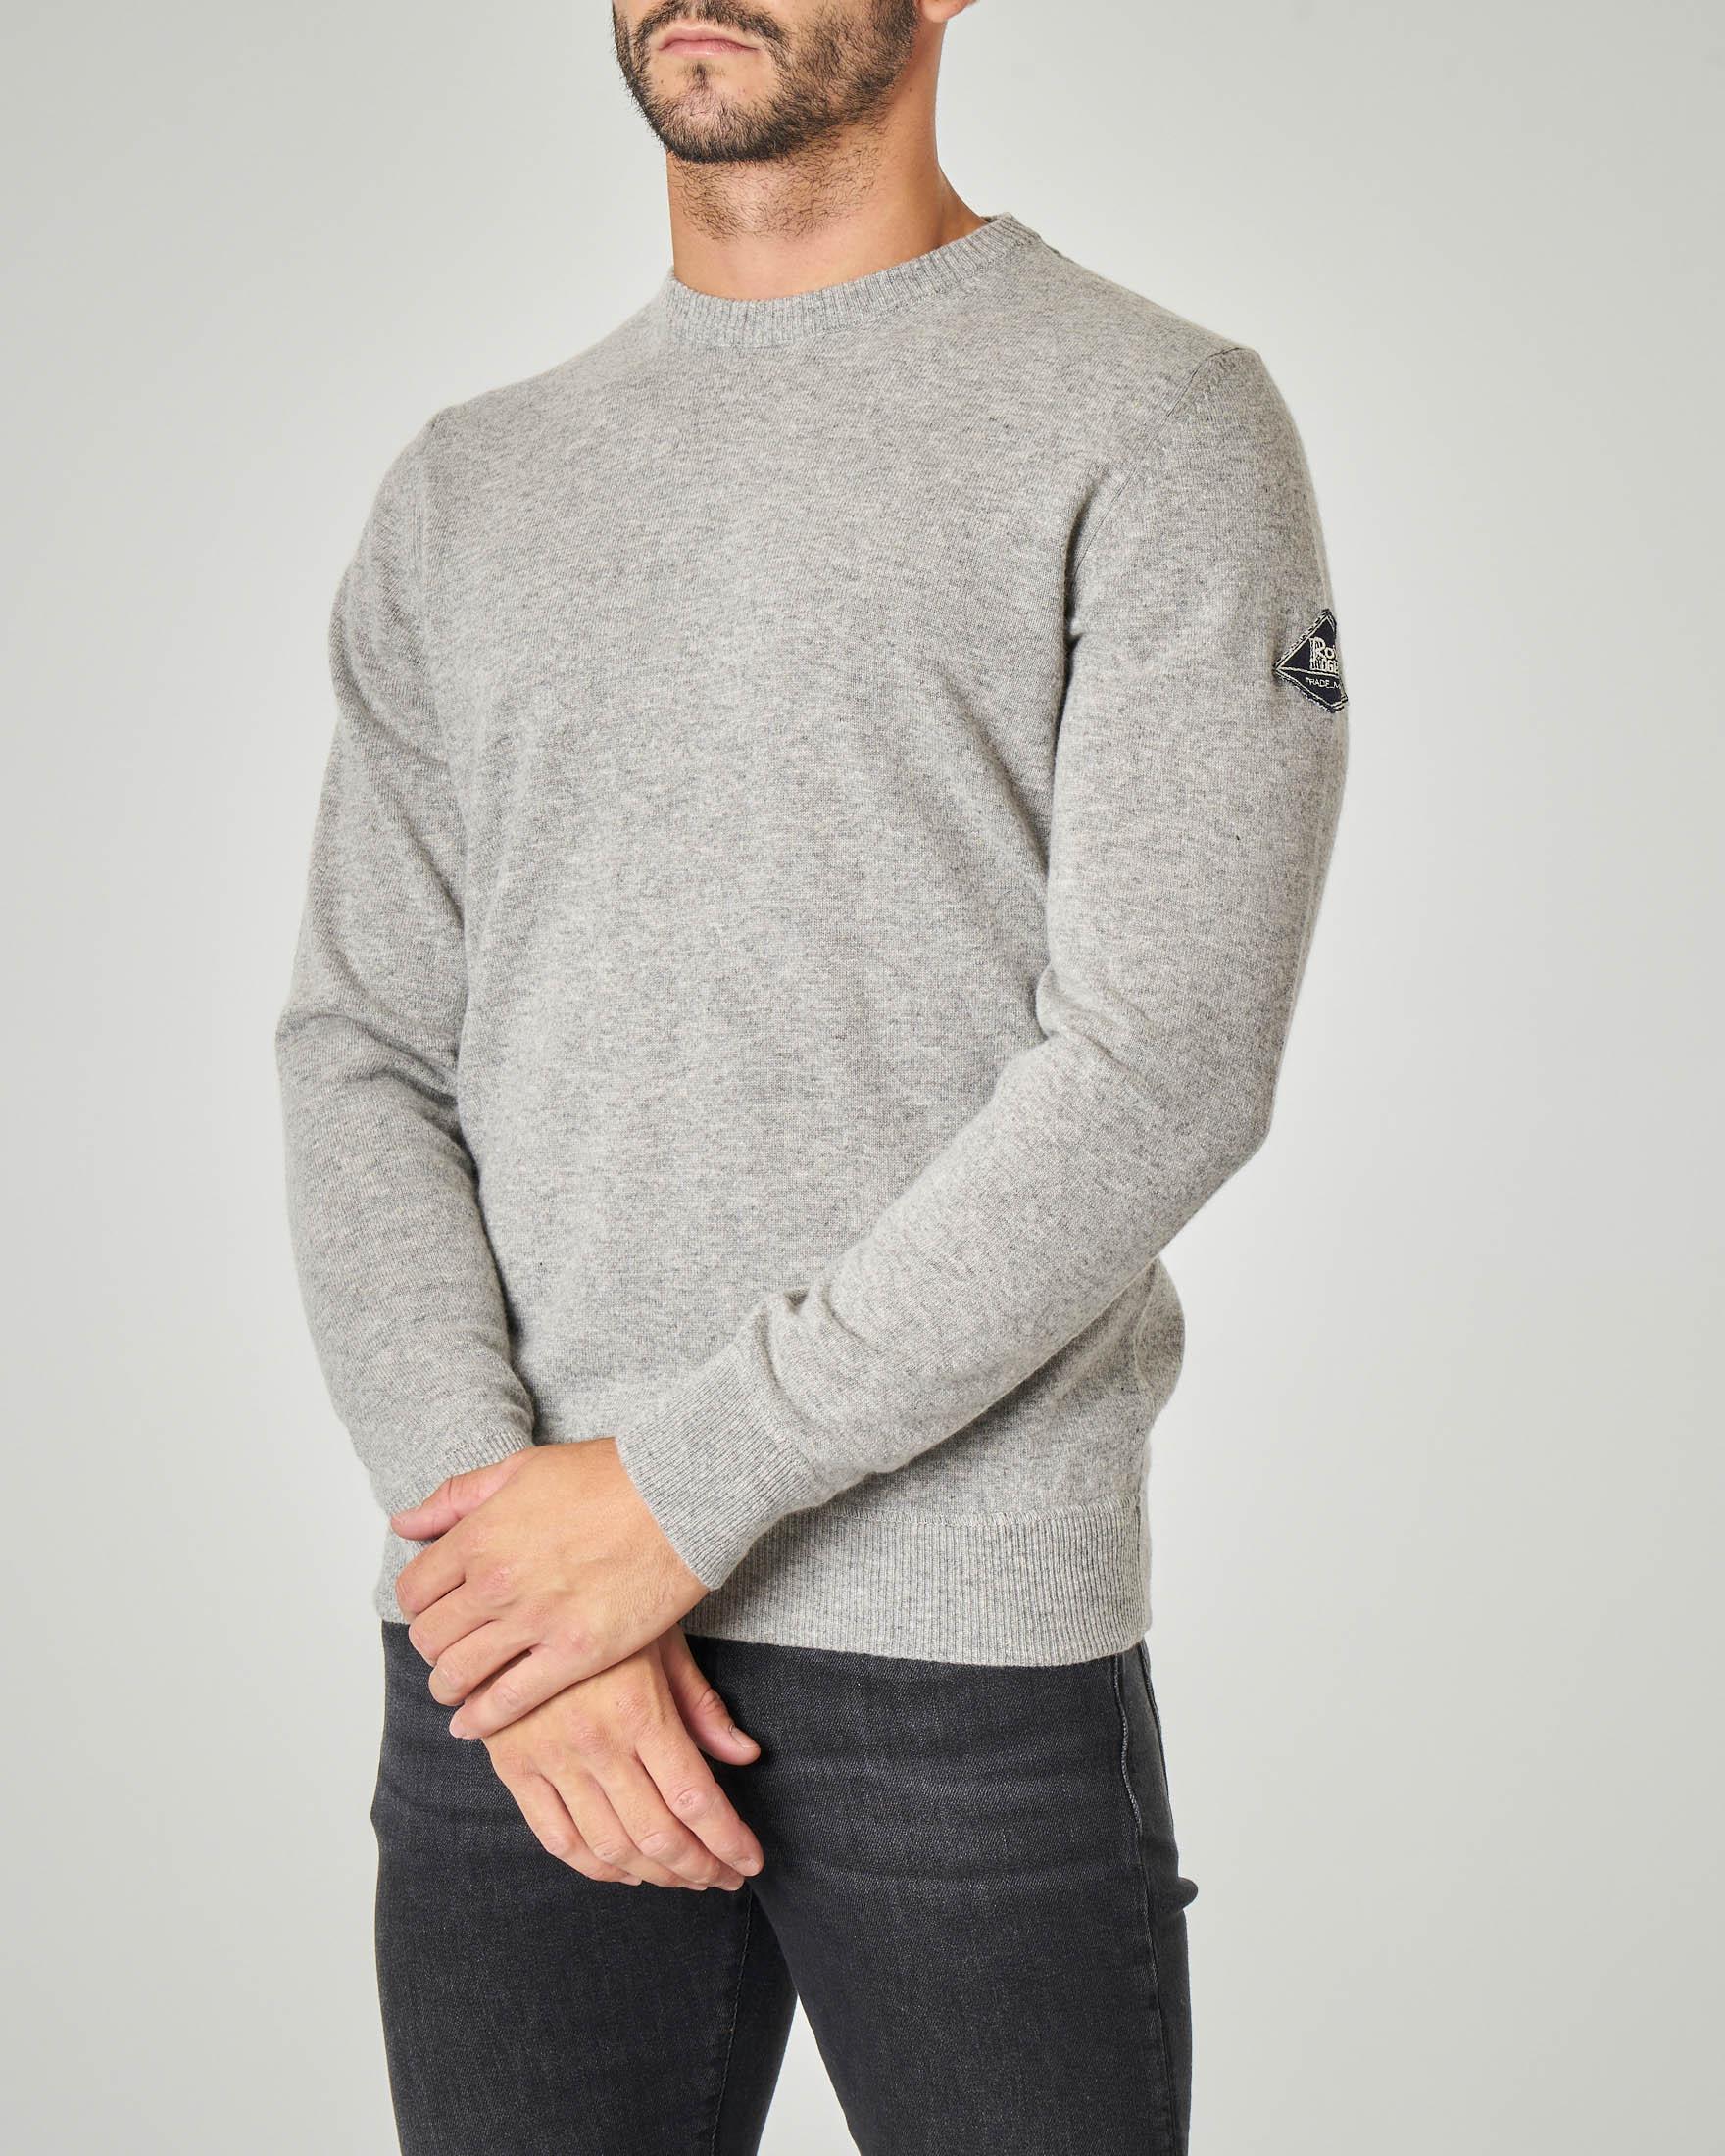 Maglia grigia girocollo in lana, viscosa e cachemire